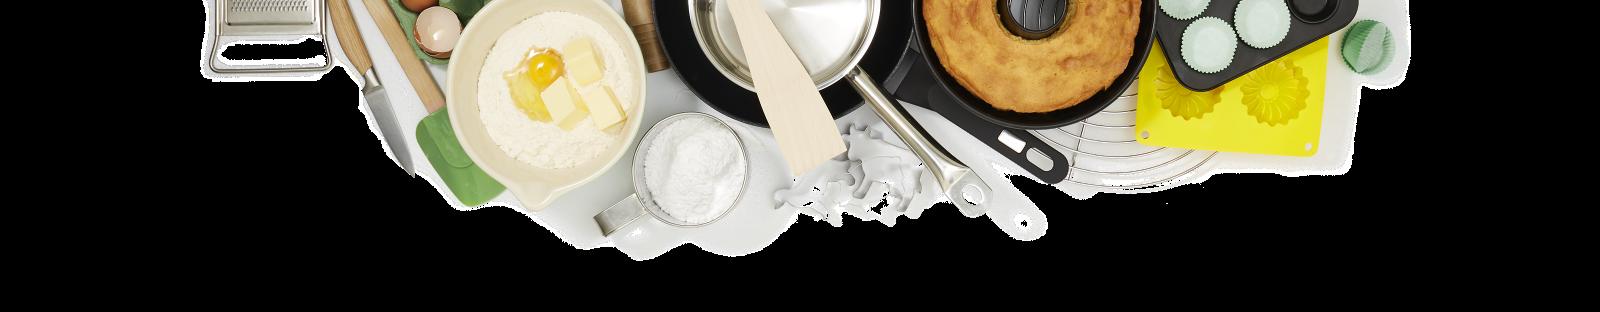 kochen-und-backen